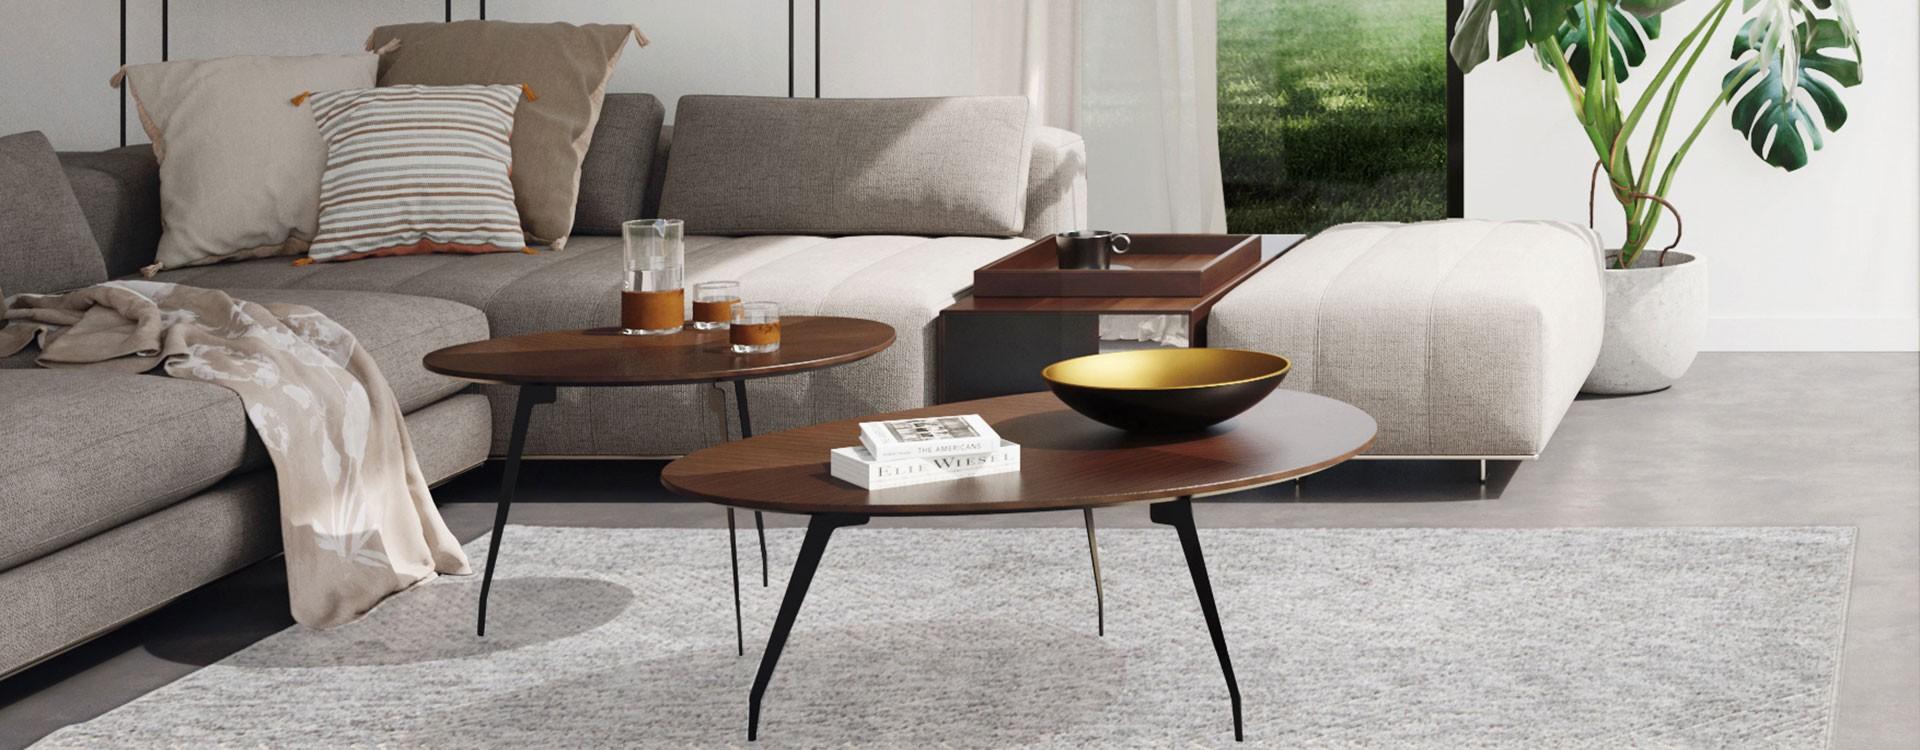 4 styles de tapis d'intérieur pour une ambiance cocooning